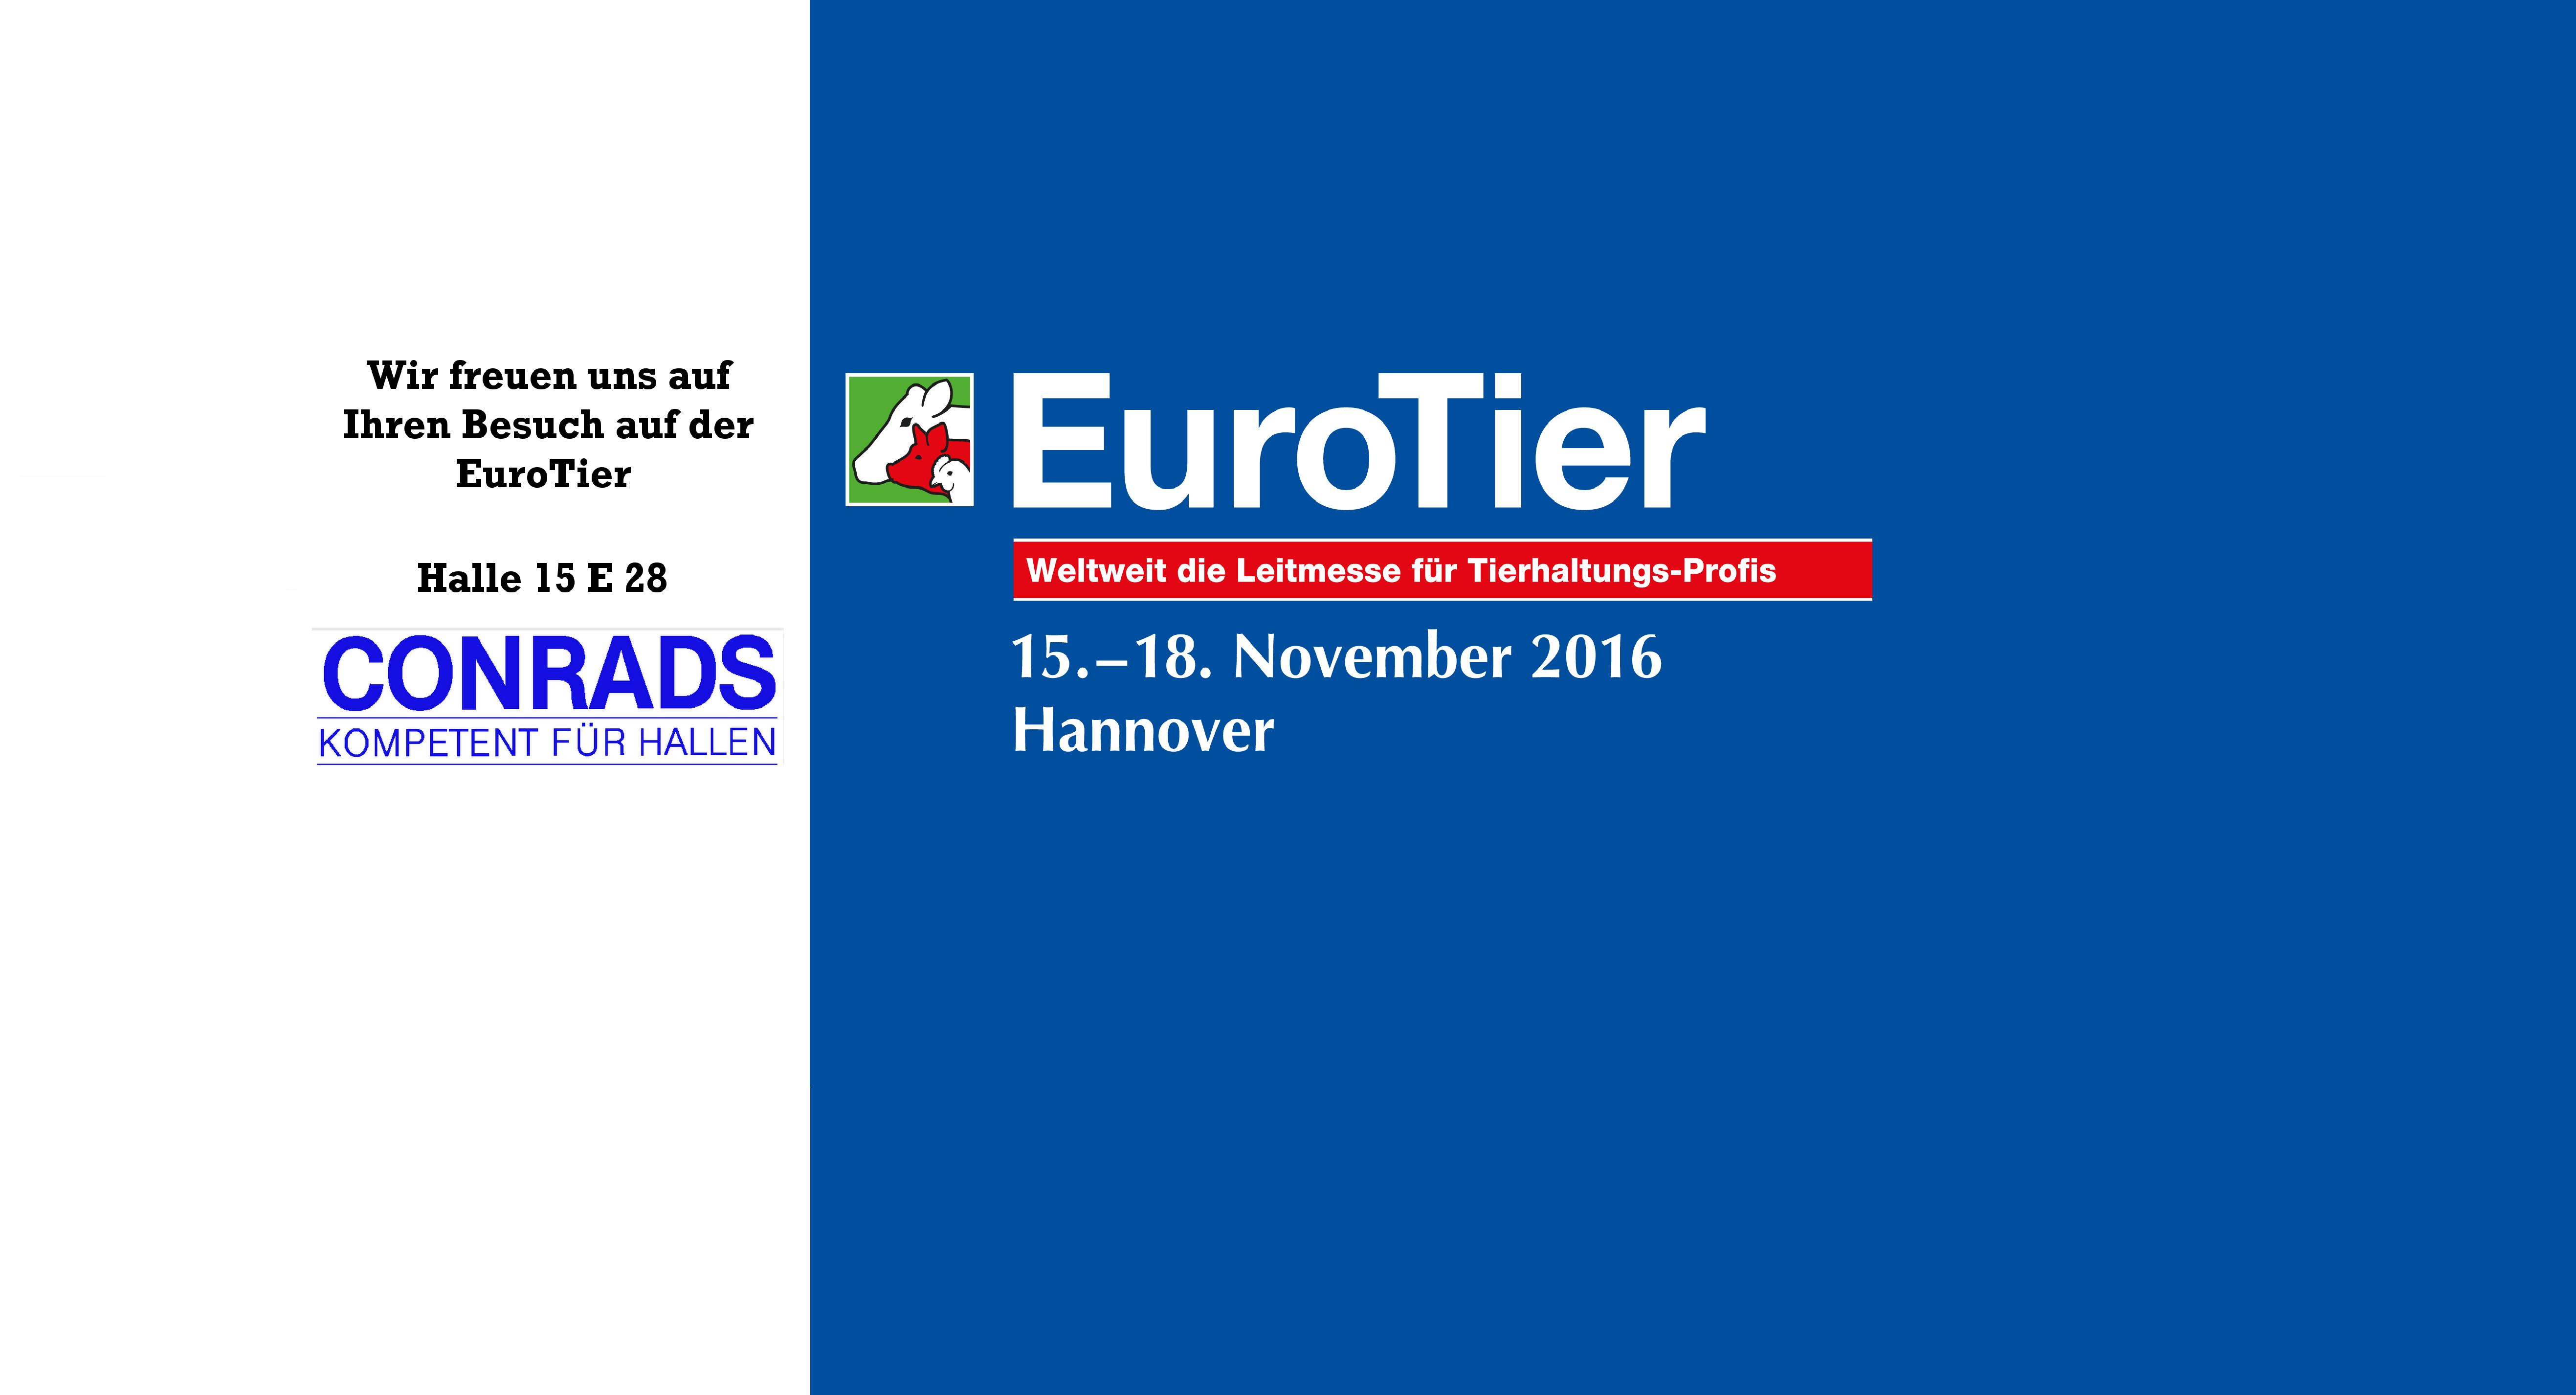 Eurotier_Logo_Datum-Conrads-blue2_RGB